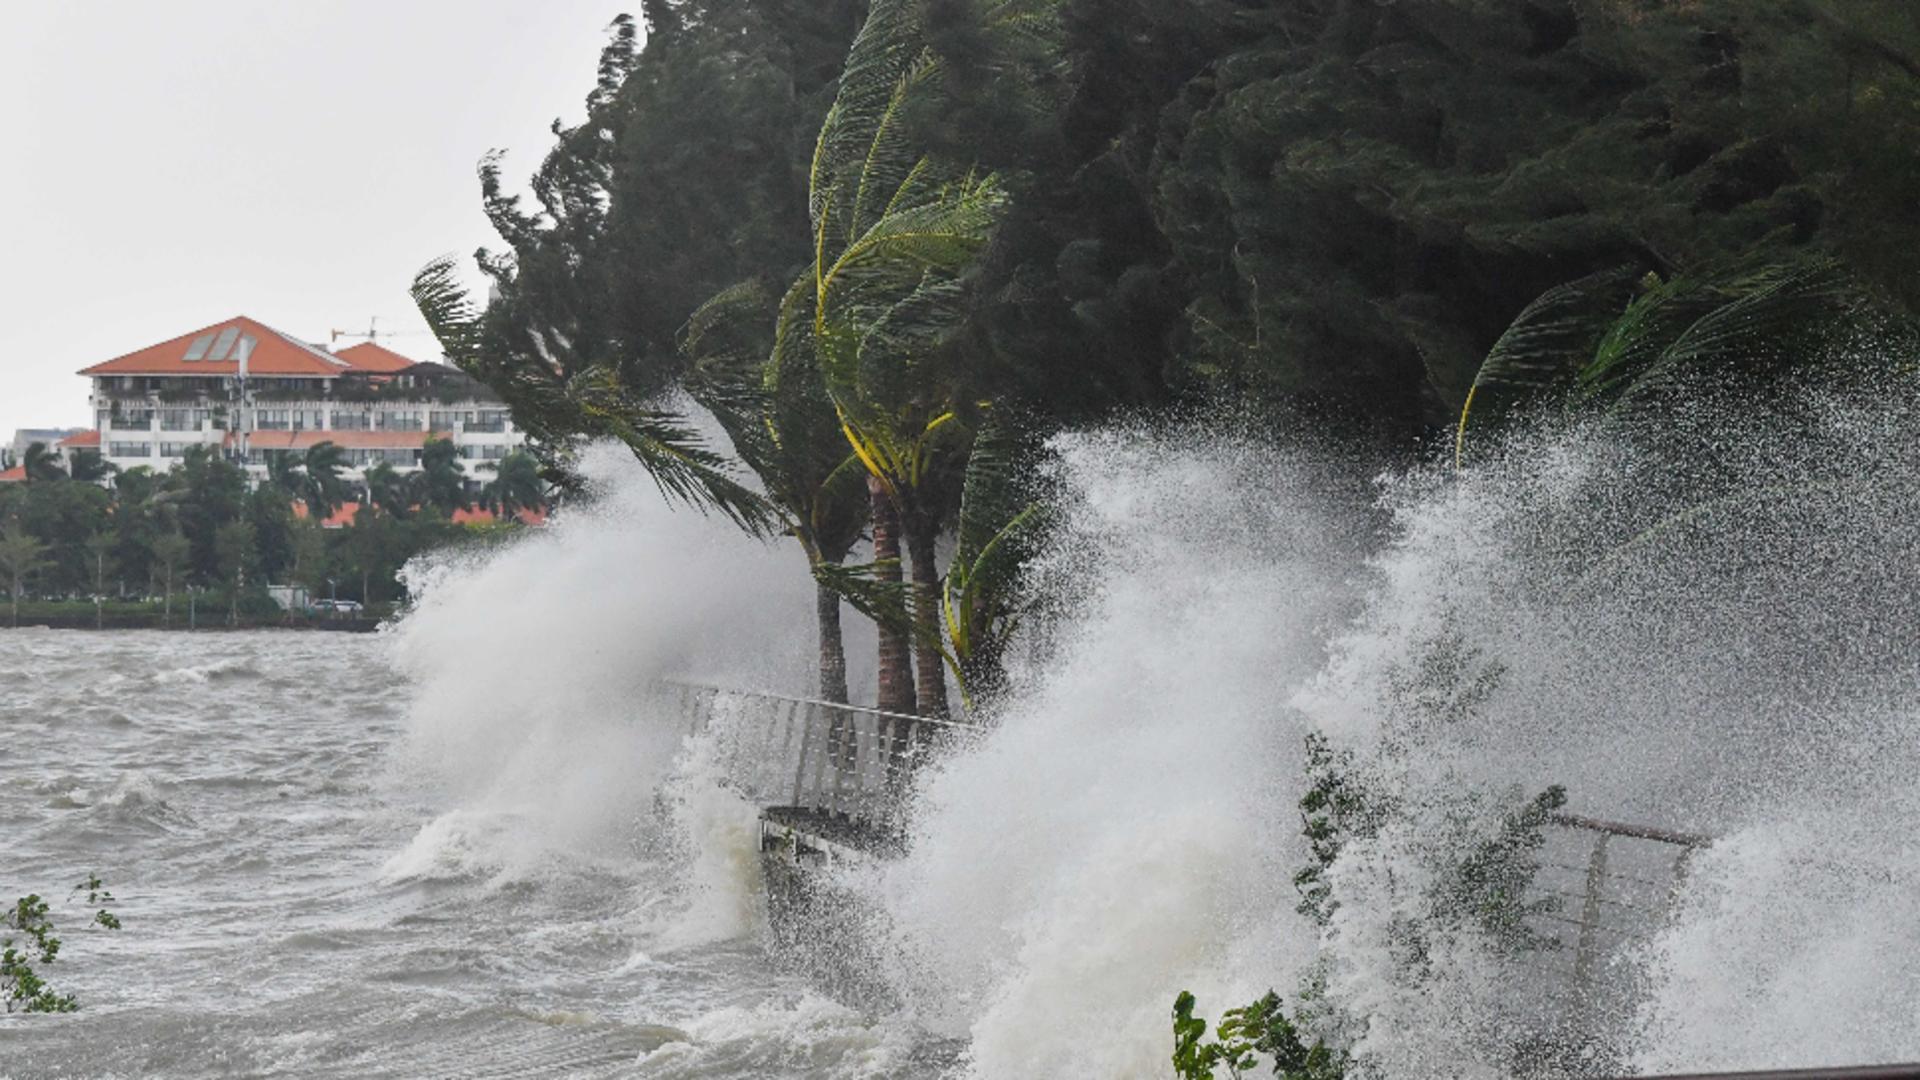 Dezastru după furtuna Kompasu în Filipine. Sursa foto: Profi Media